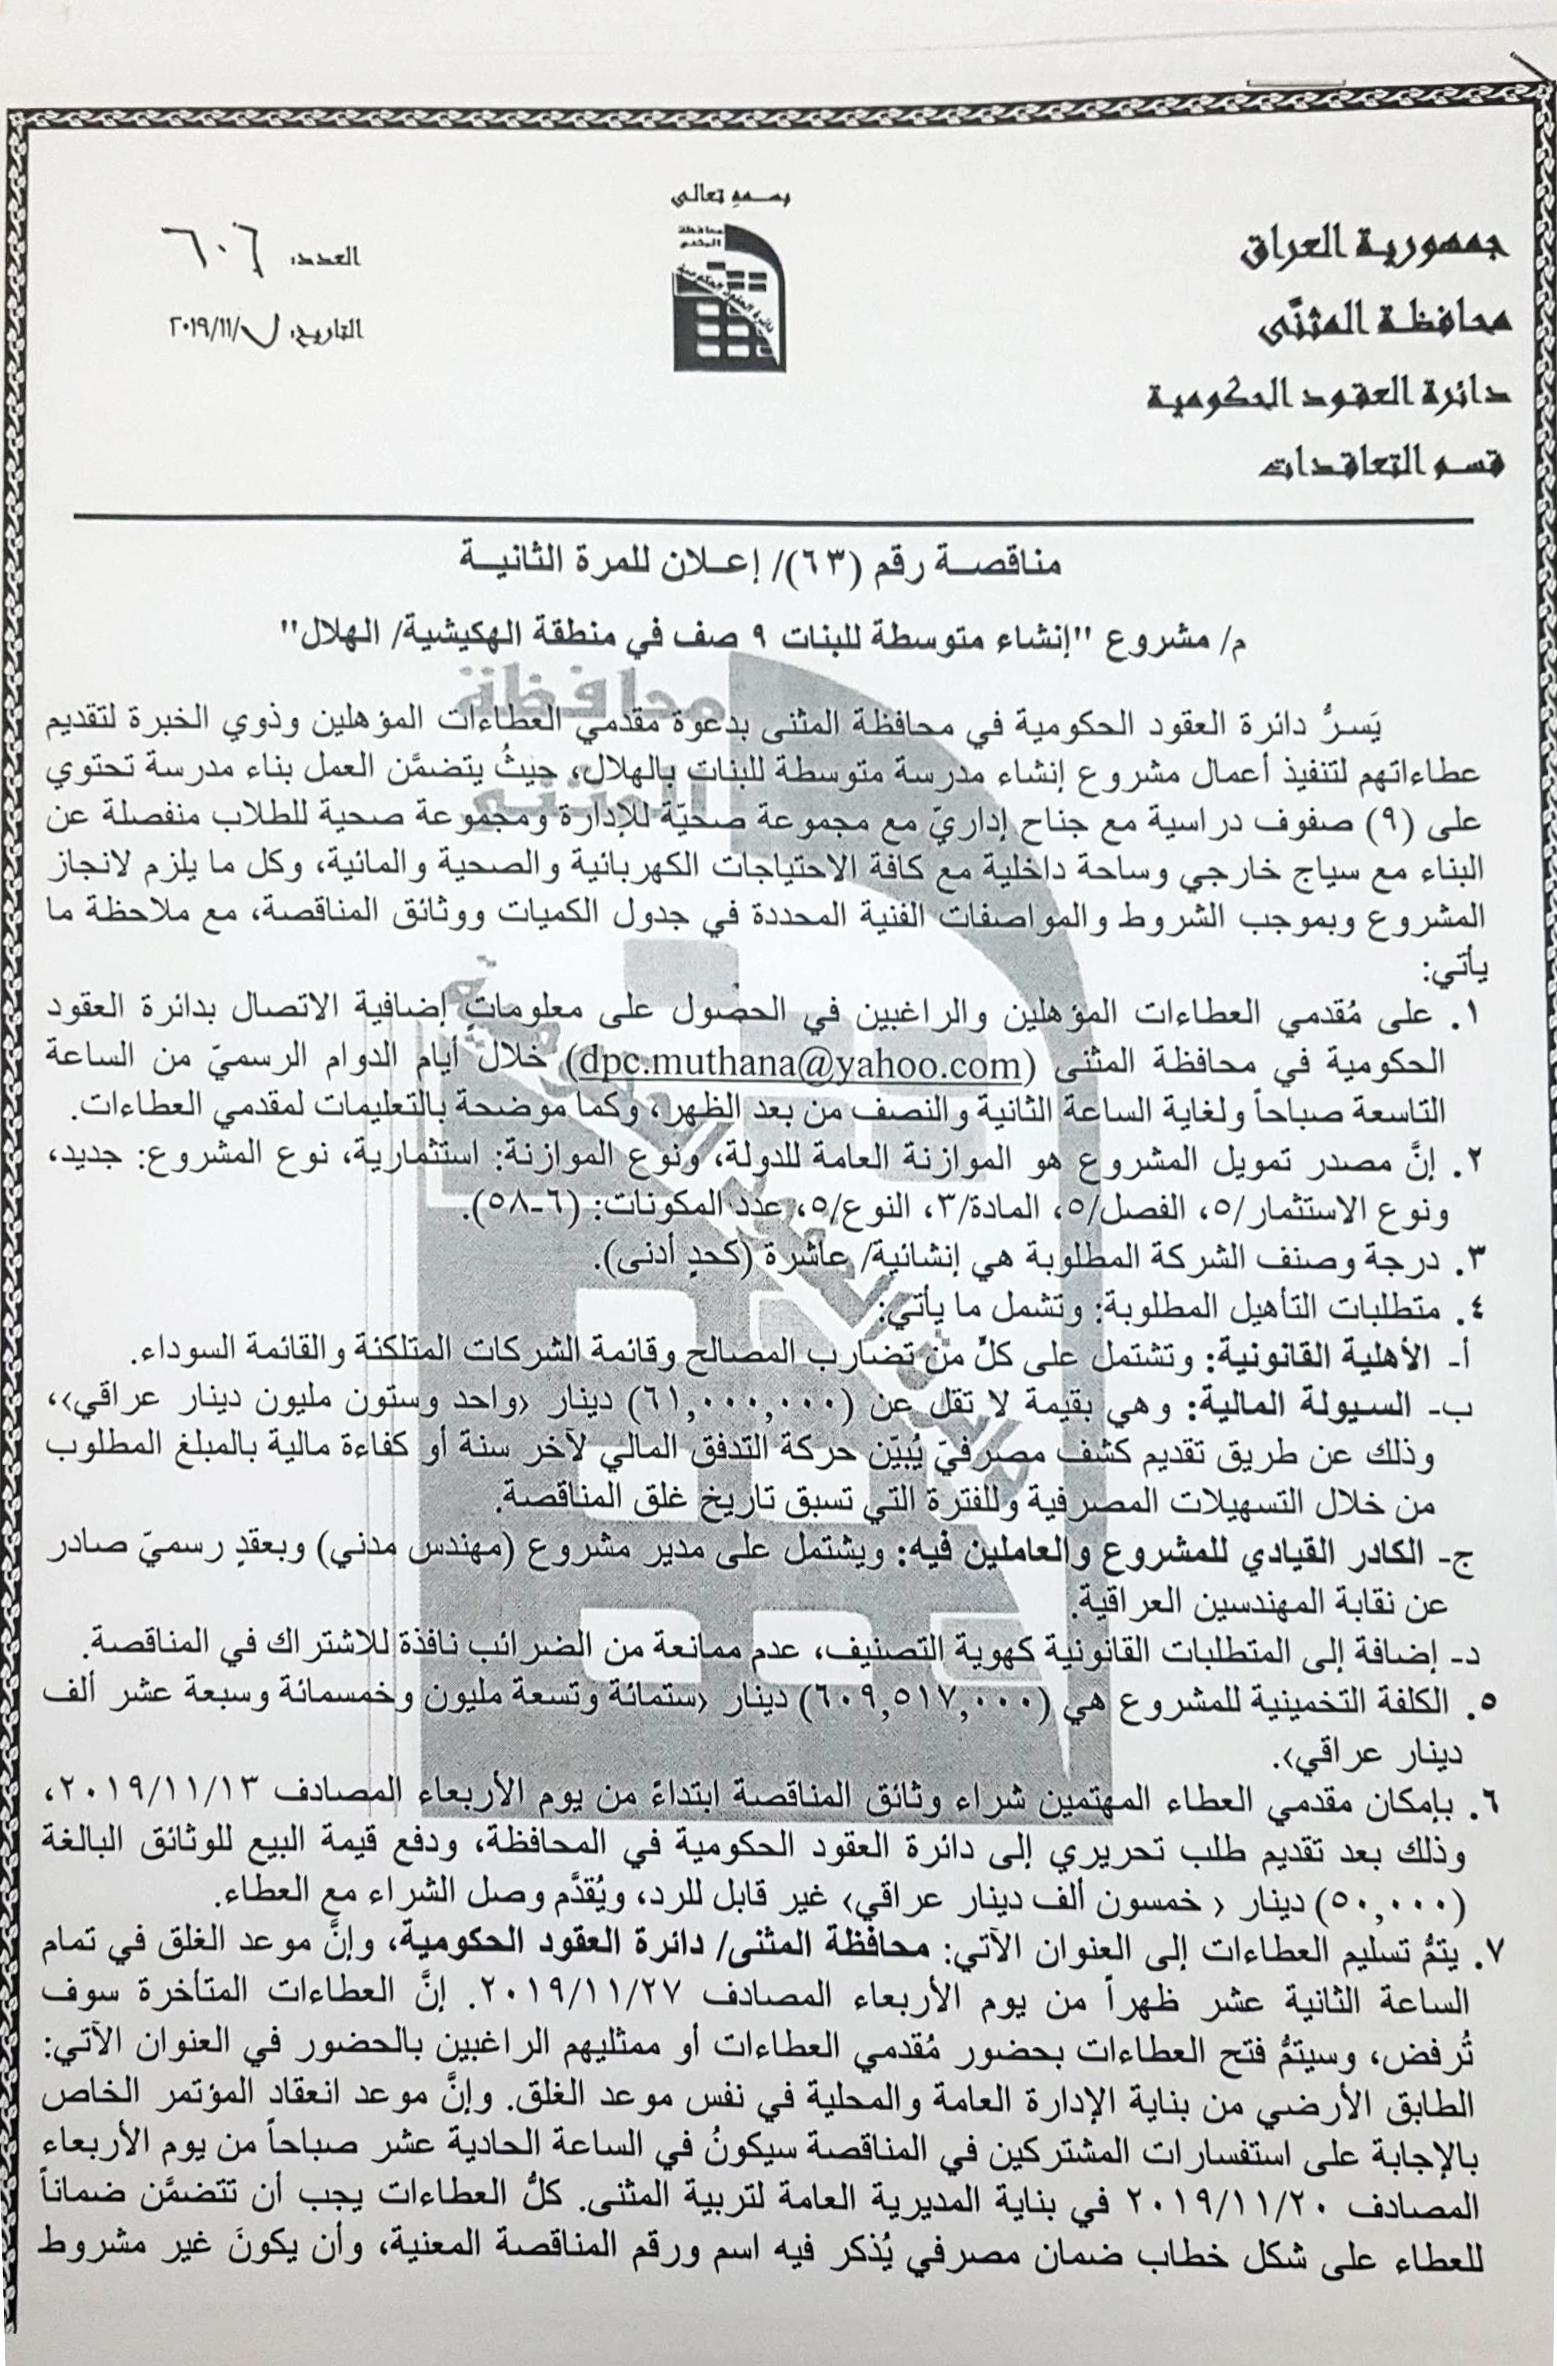 اعلان مشروع انشاء متوسطة للبنات 9 صف في منطقة الهكيشية/الهلال/اعلان للمرة الثانية